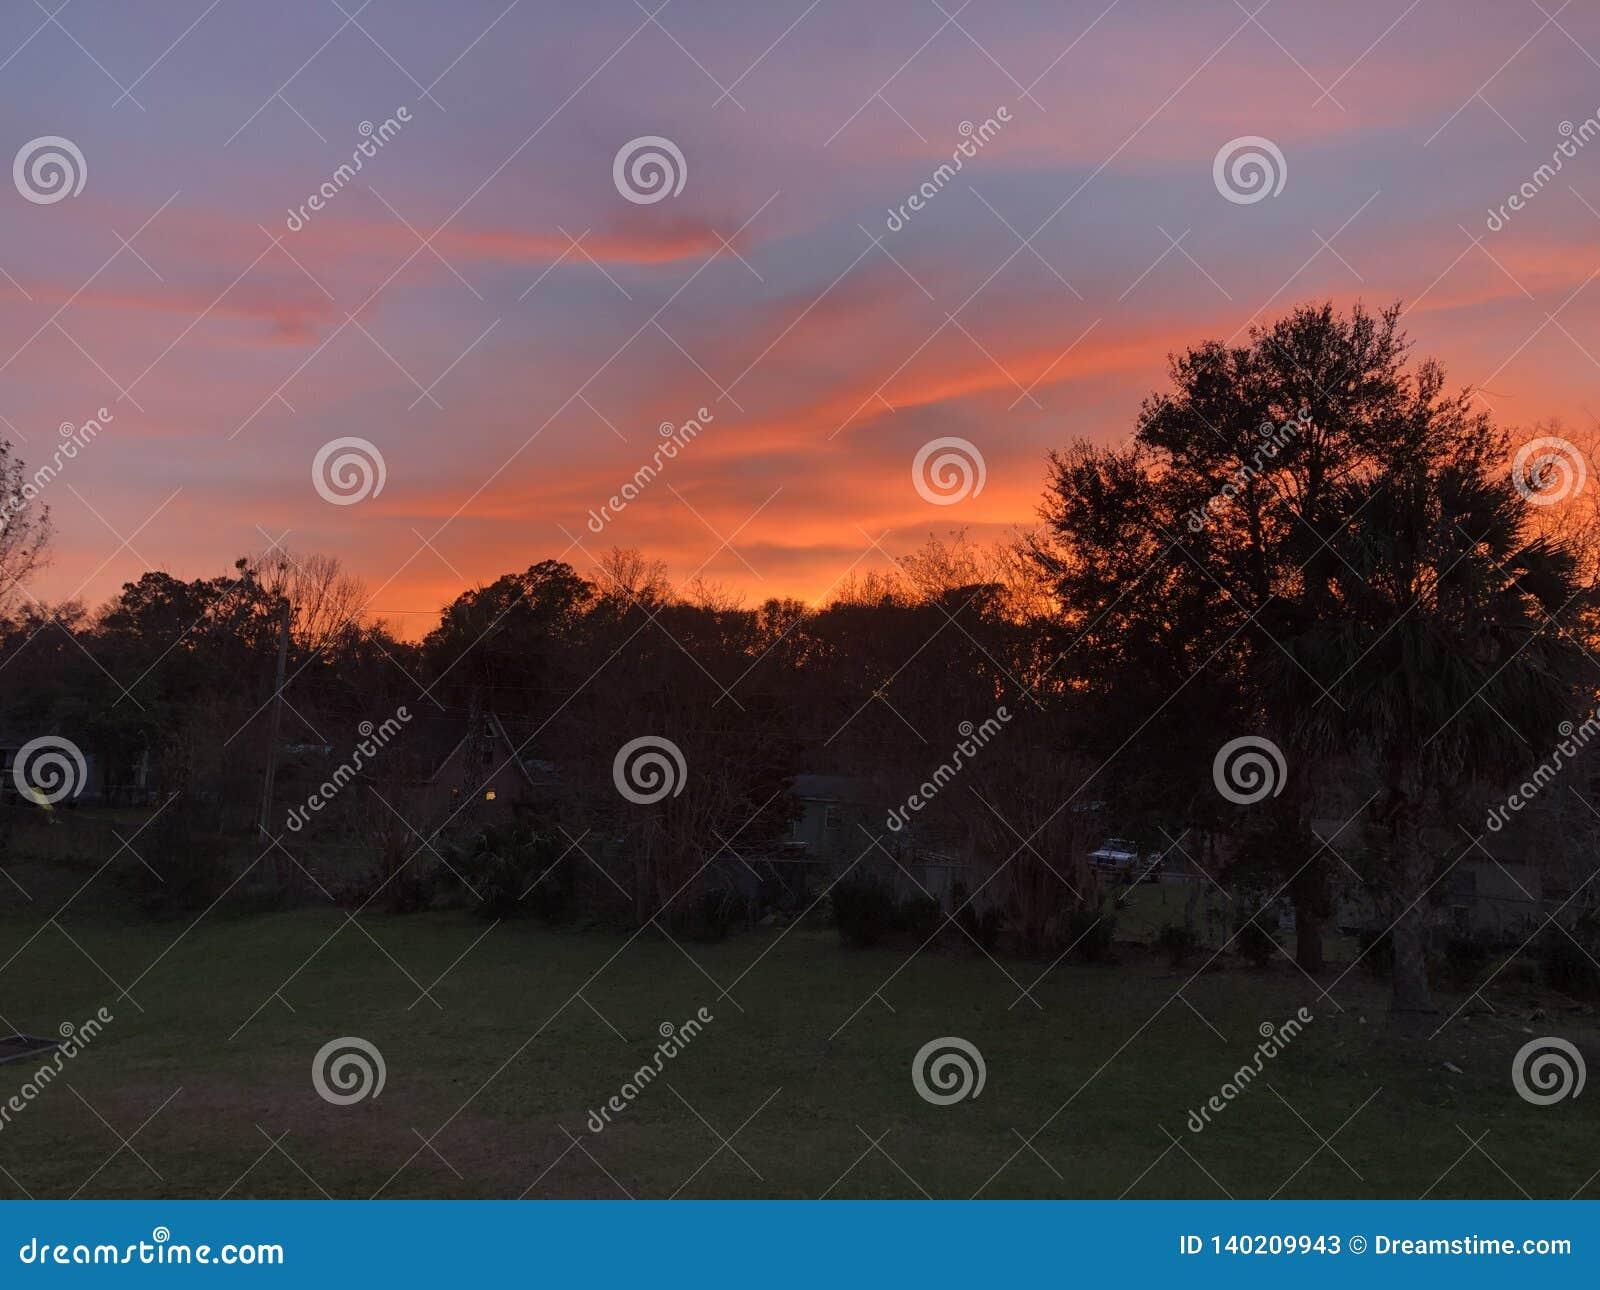 Beautiful Aesthetic Sunset Stock Image Image Of Portrait 140209943